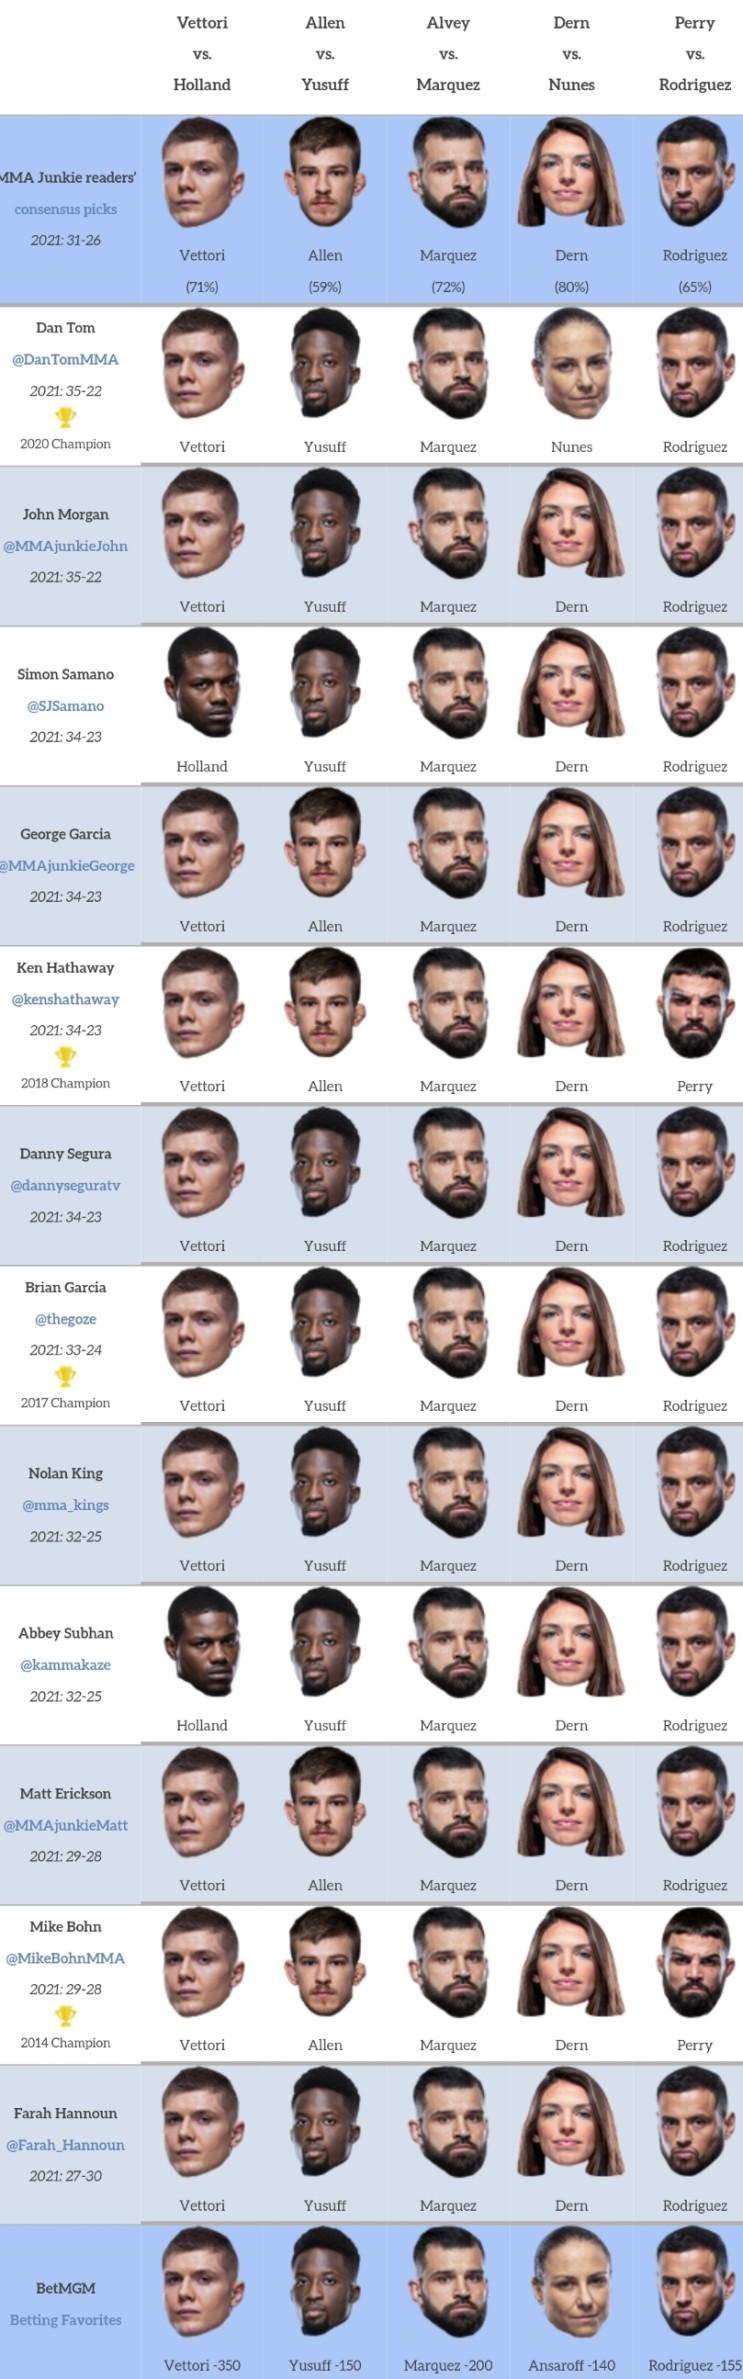 UFC on ABC 2: 베토리 vs 홀랜드 프리뷰(미디어 예상 및 배당률) - 정다운 출전